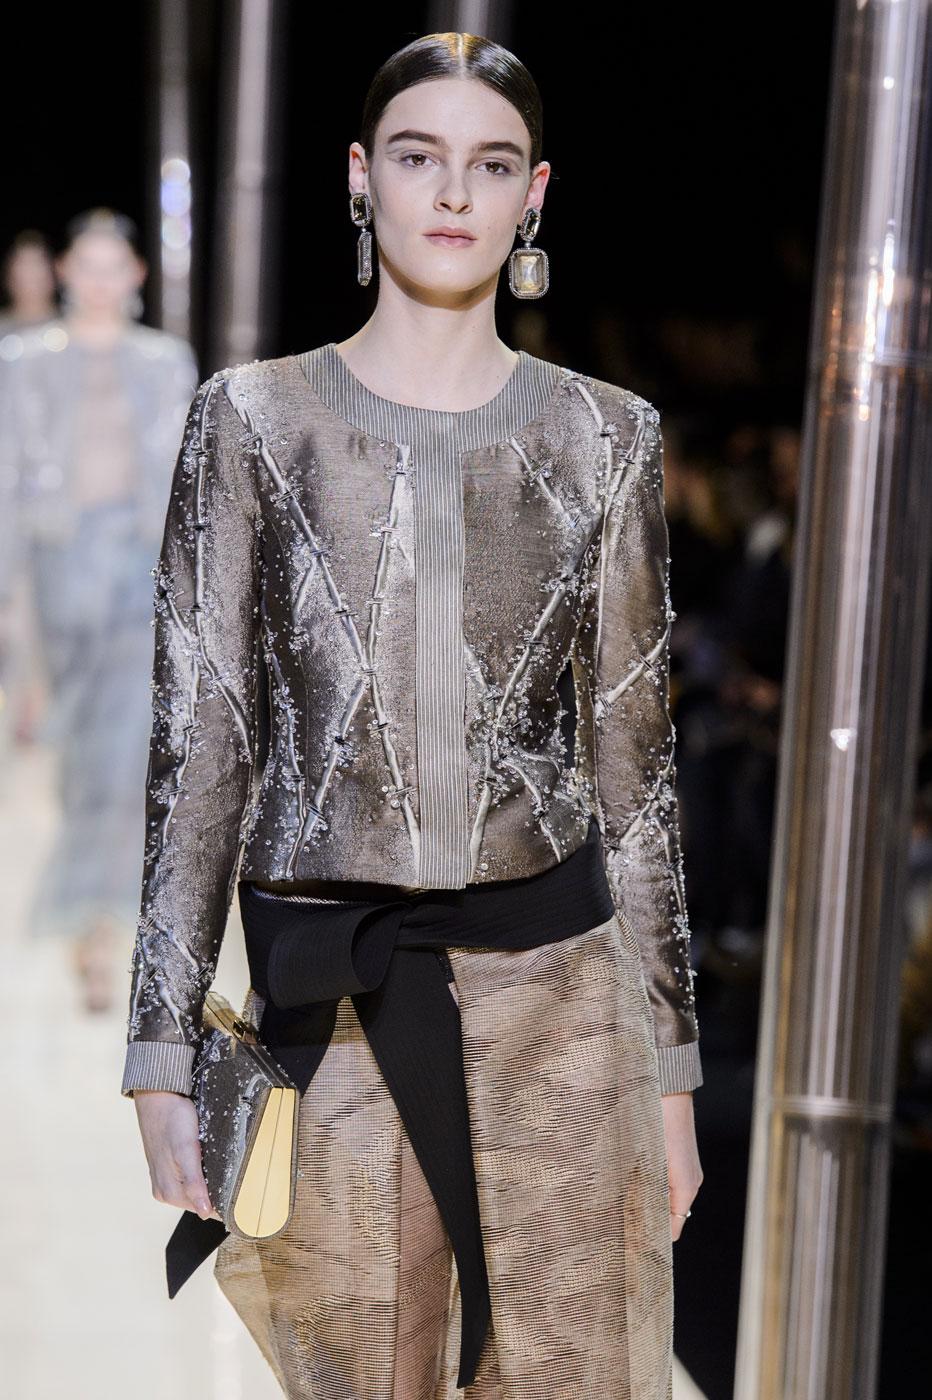 Giorgio-armani-Prive-fashion-runway-show-haute-couture-paris-spring-2015-the-impression-064